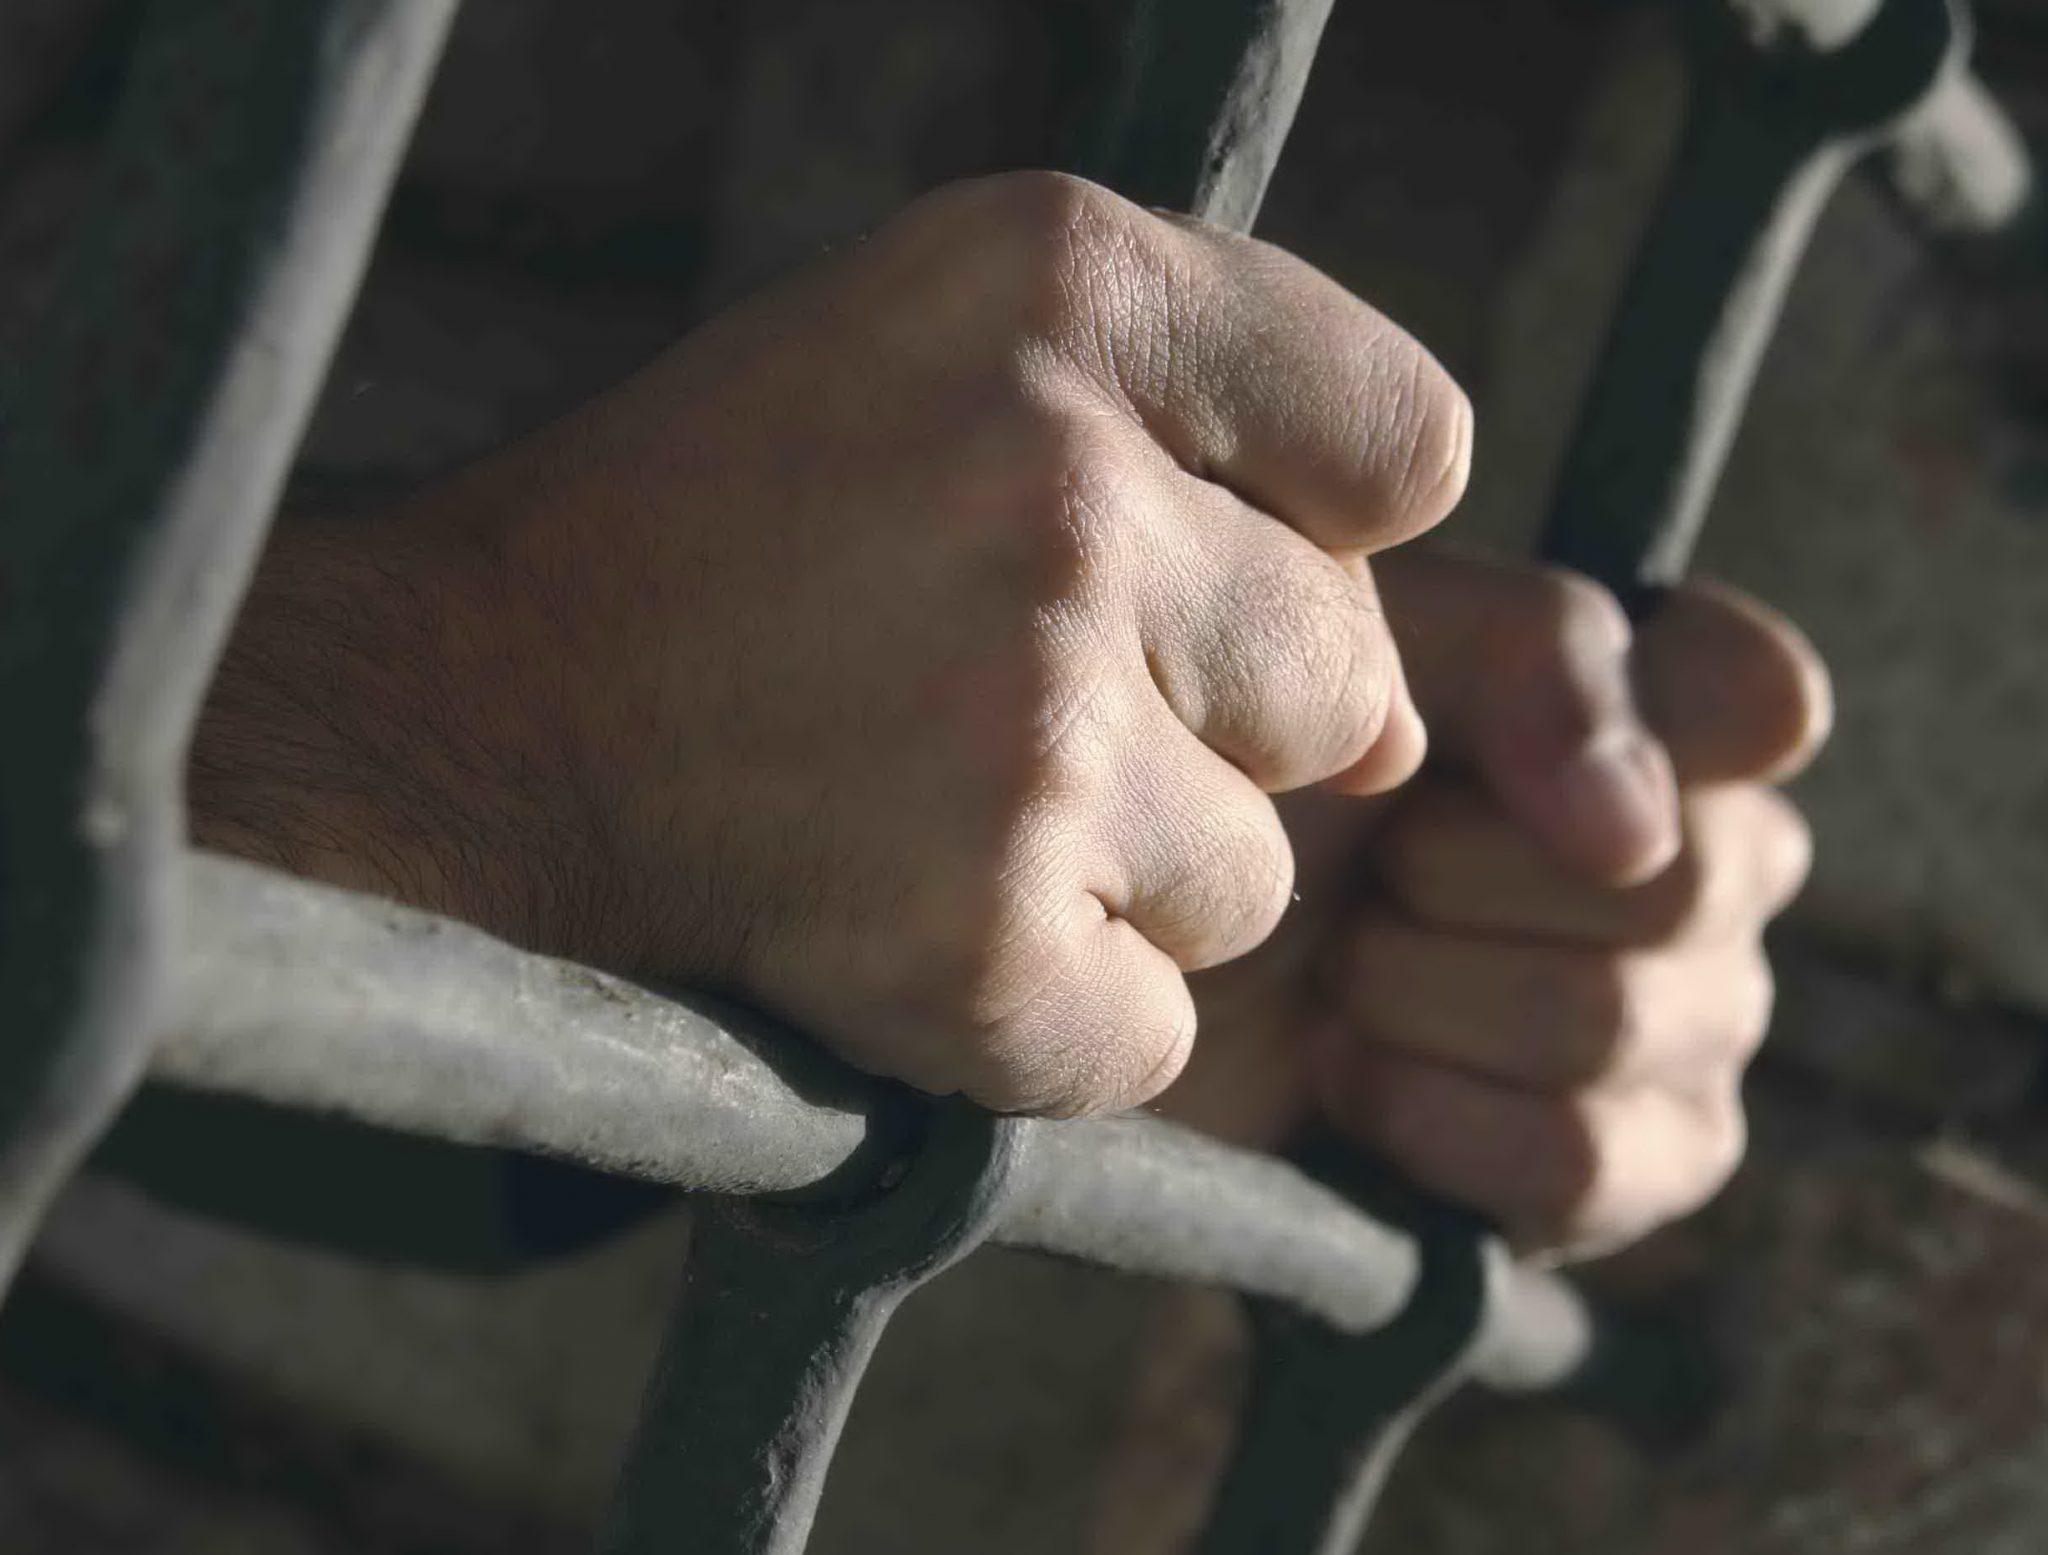 prisonnier-politique-yannis-youlountas-anarchie-zad-nddl